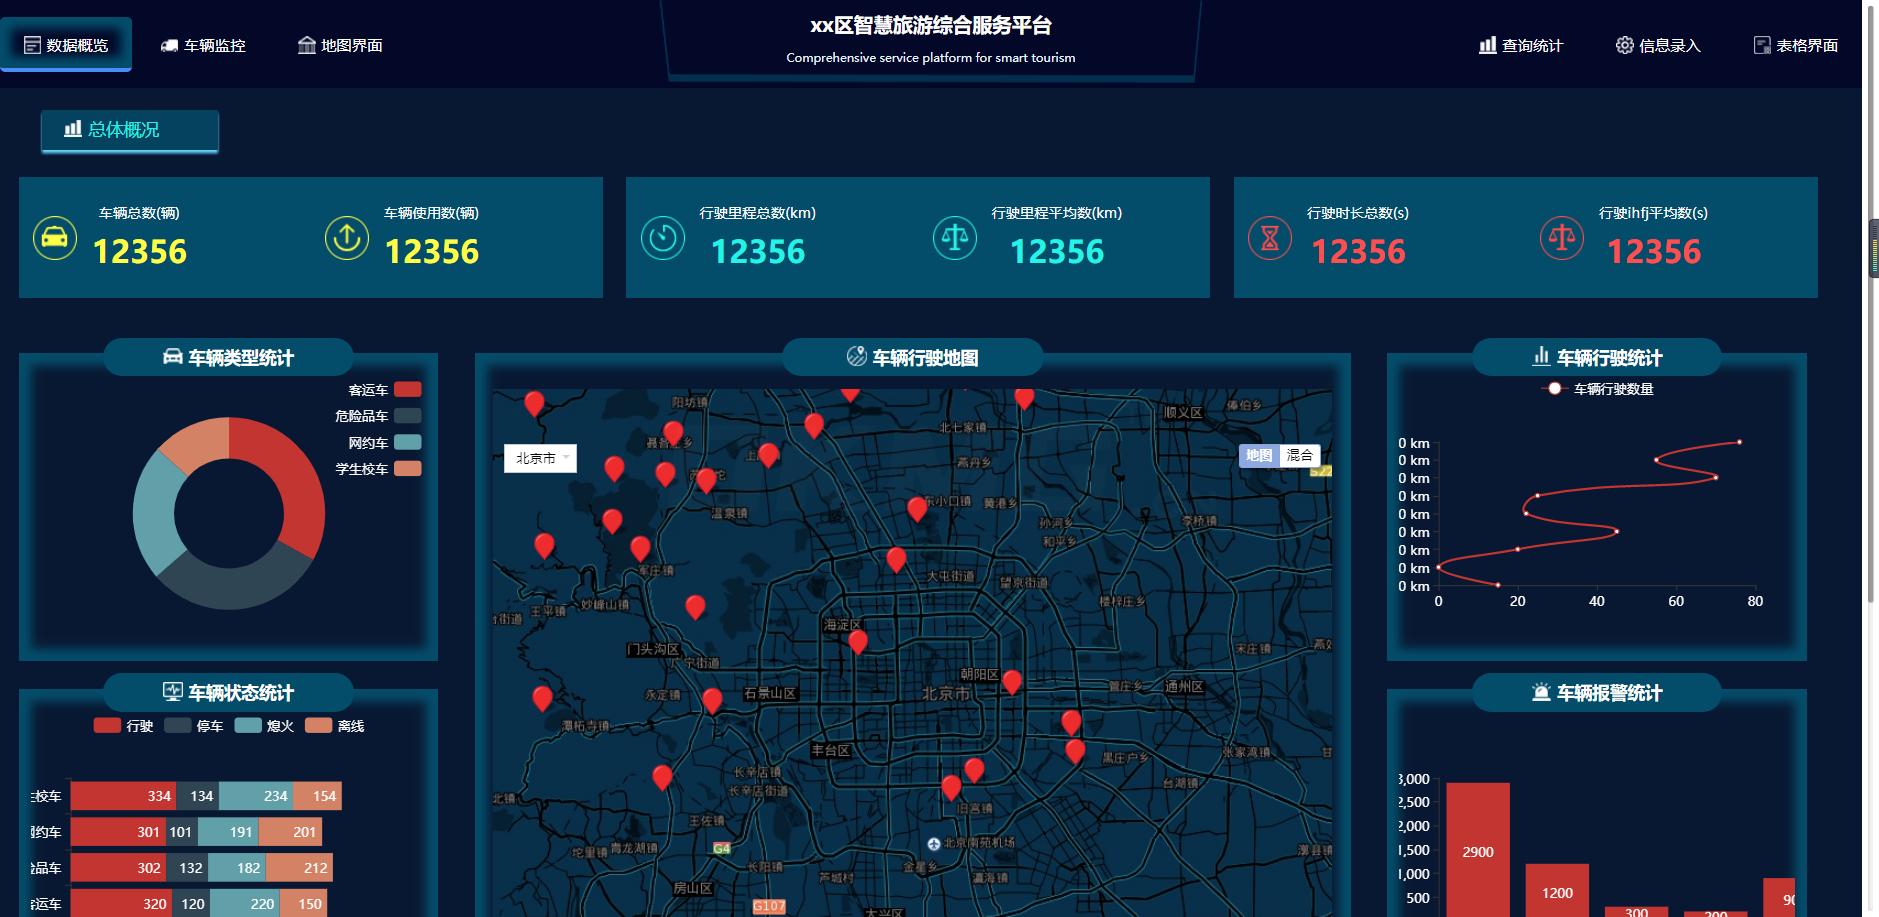 交通类大数据展示页面模板